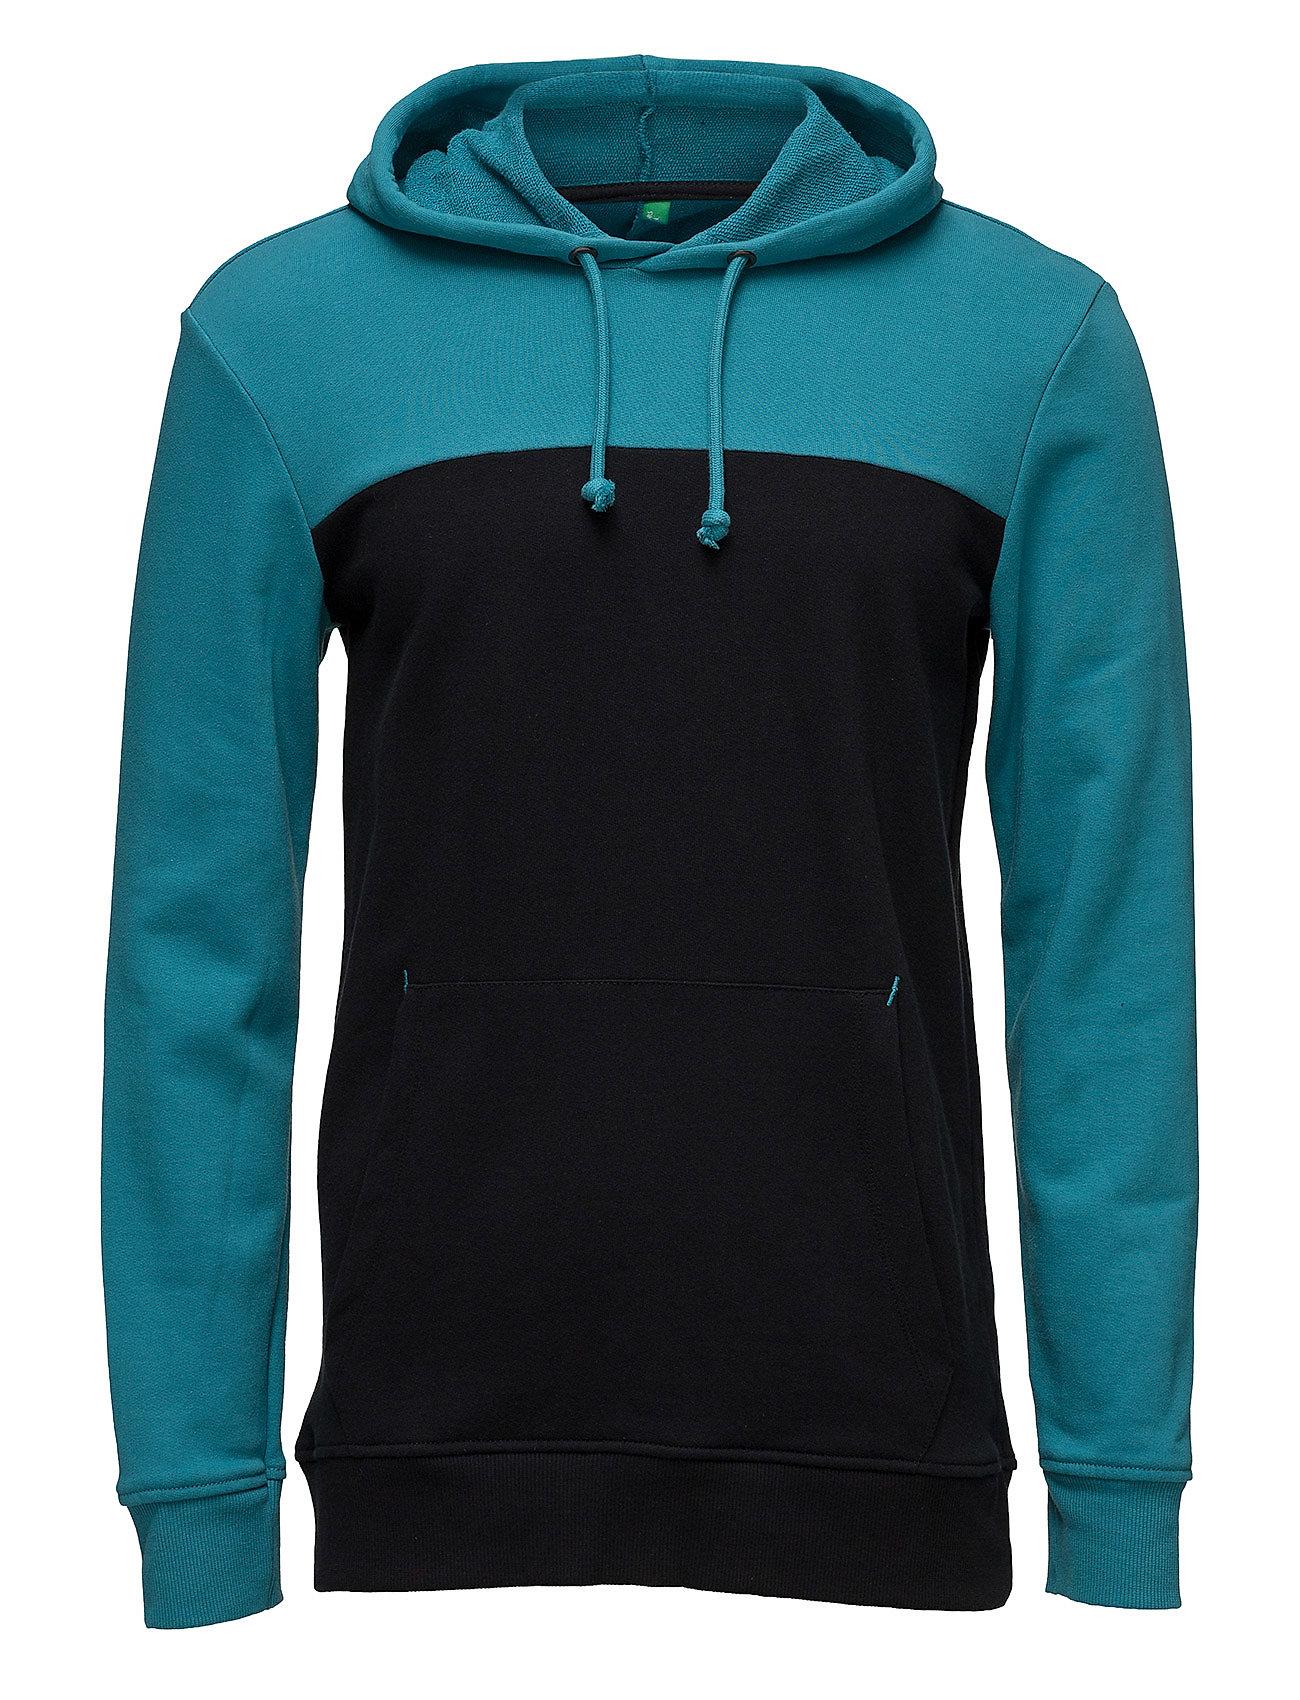 Pullover W/Hood United Colors of Benetton Hættetrøjer til Herrer i